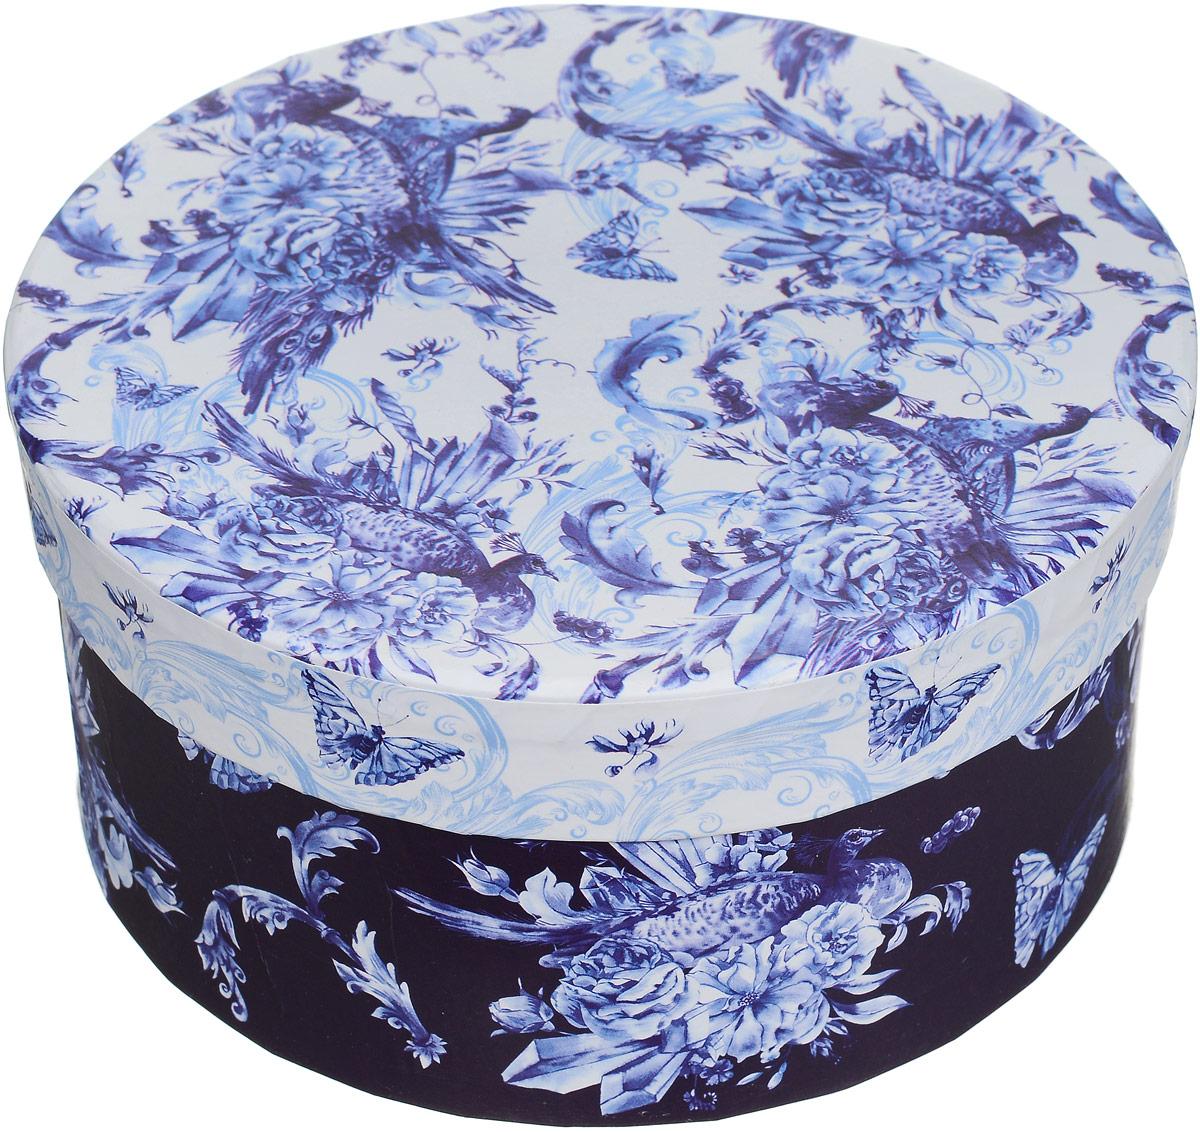 Коробка подарочная Magic Home Голубые цветы, круглая, 14 х 14 х 7 см44292Подарочная коробка Magic Home Голубые цветы выполнена из мелованного ламинированного картона. Коробочка оформлена оригинальным рисунком под гжель. Изделие имеет круглую форму и закрывается крышкой. Подарочная коробка - это наилучшее решение, если вы хотите порадовать близких людей и создать праздничное настроение, ведь подарок, преподнесенный в оригинальной упаковке, всегда будет самым эффектным и запоминающимся. Окружите близких людей вниманием и заботой, вручив презент в нарядном, праздничном оформлении.